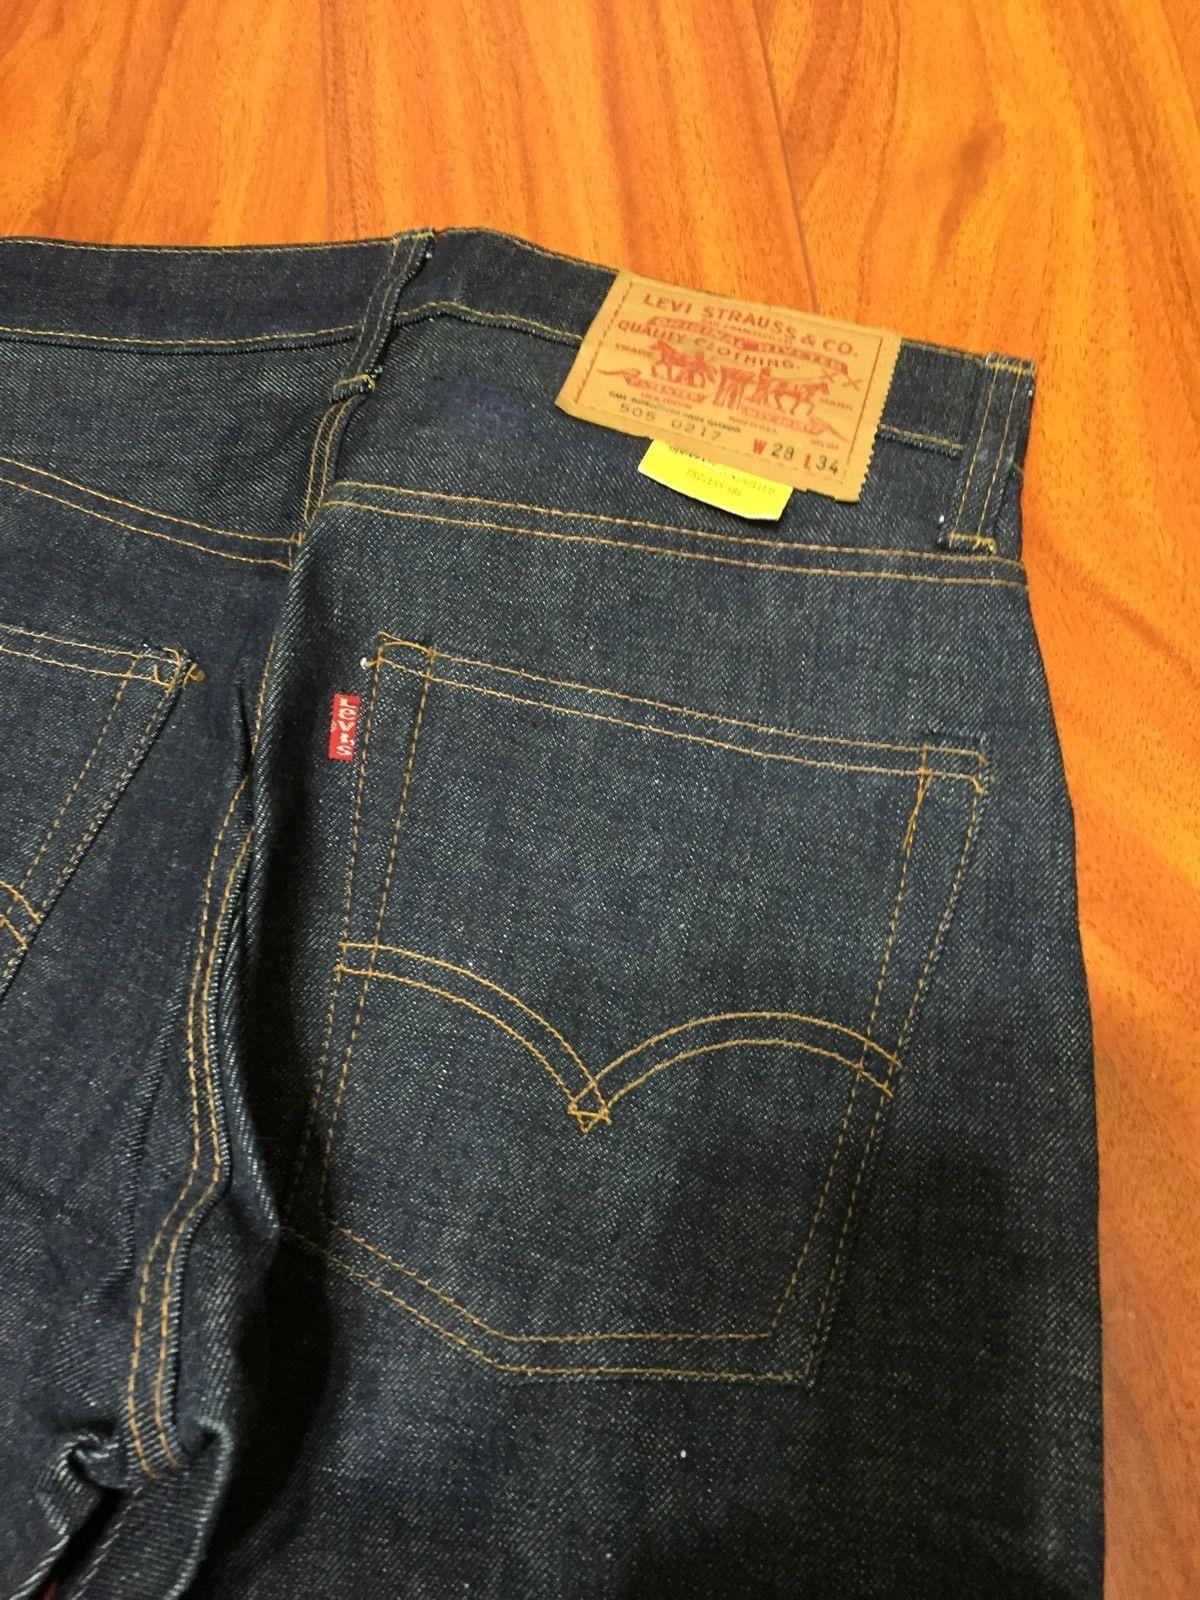 58d3e5b9566 Vintage Levi s 505 0217 Jeans Redline Single Stitch 28x34 Mode Homme